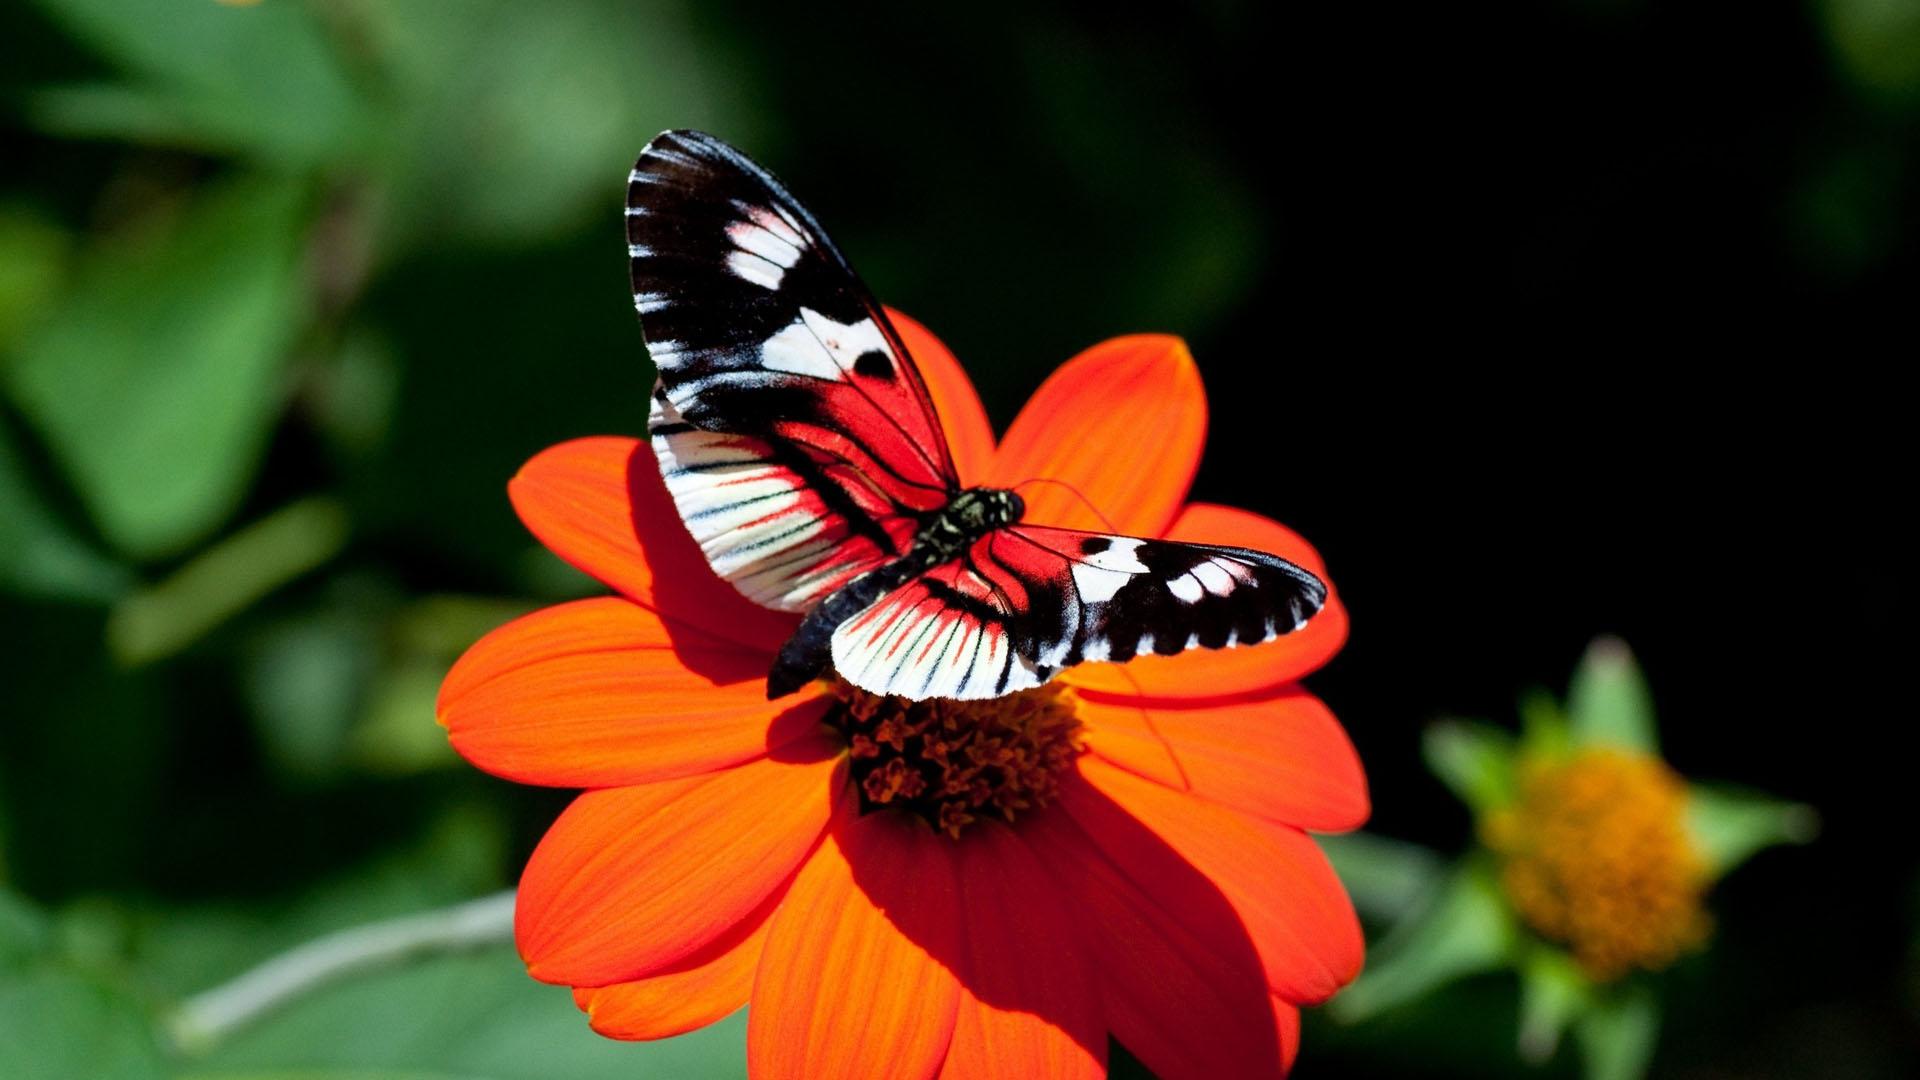 بالصور صور فراشات جميلة وزهور رقيقة , خلفيات رومانسية من الطبيعة 4319 5